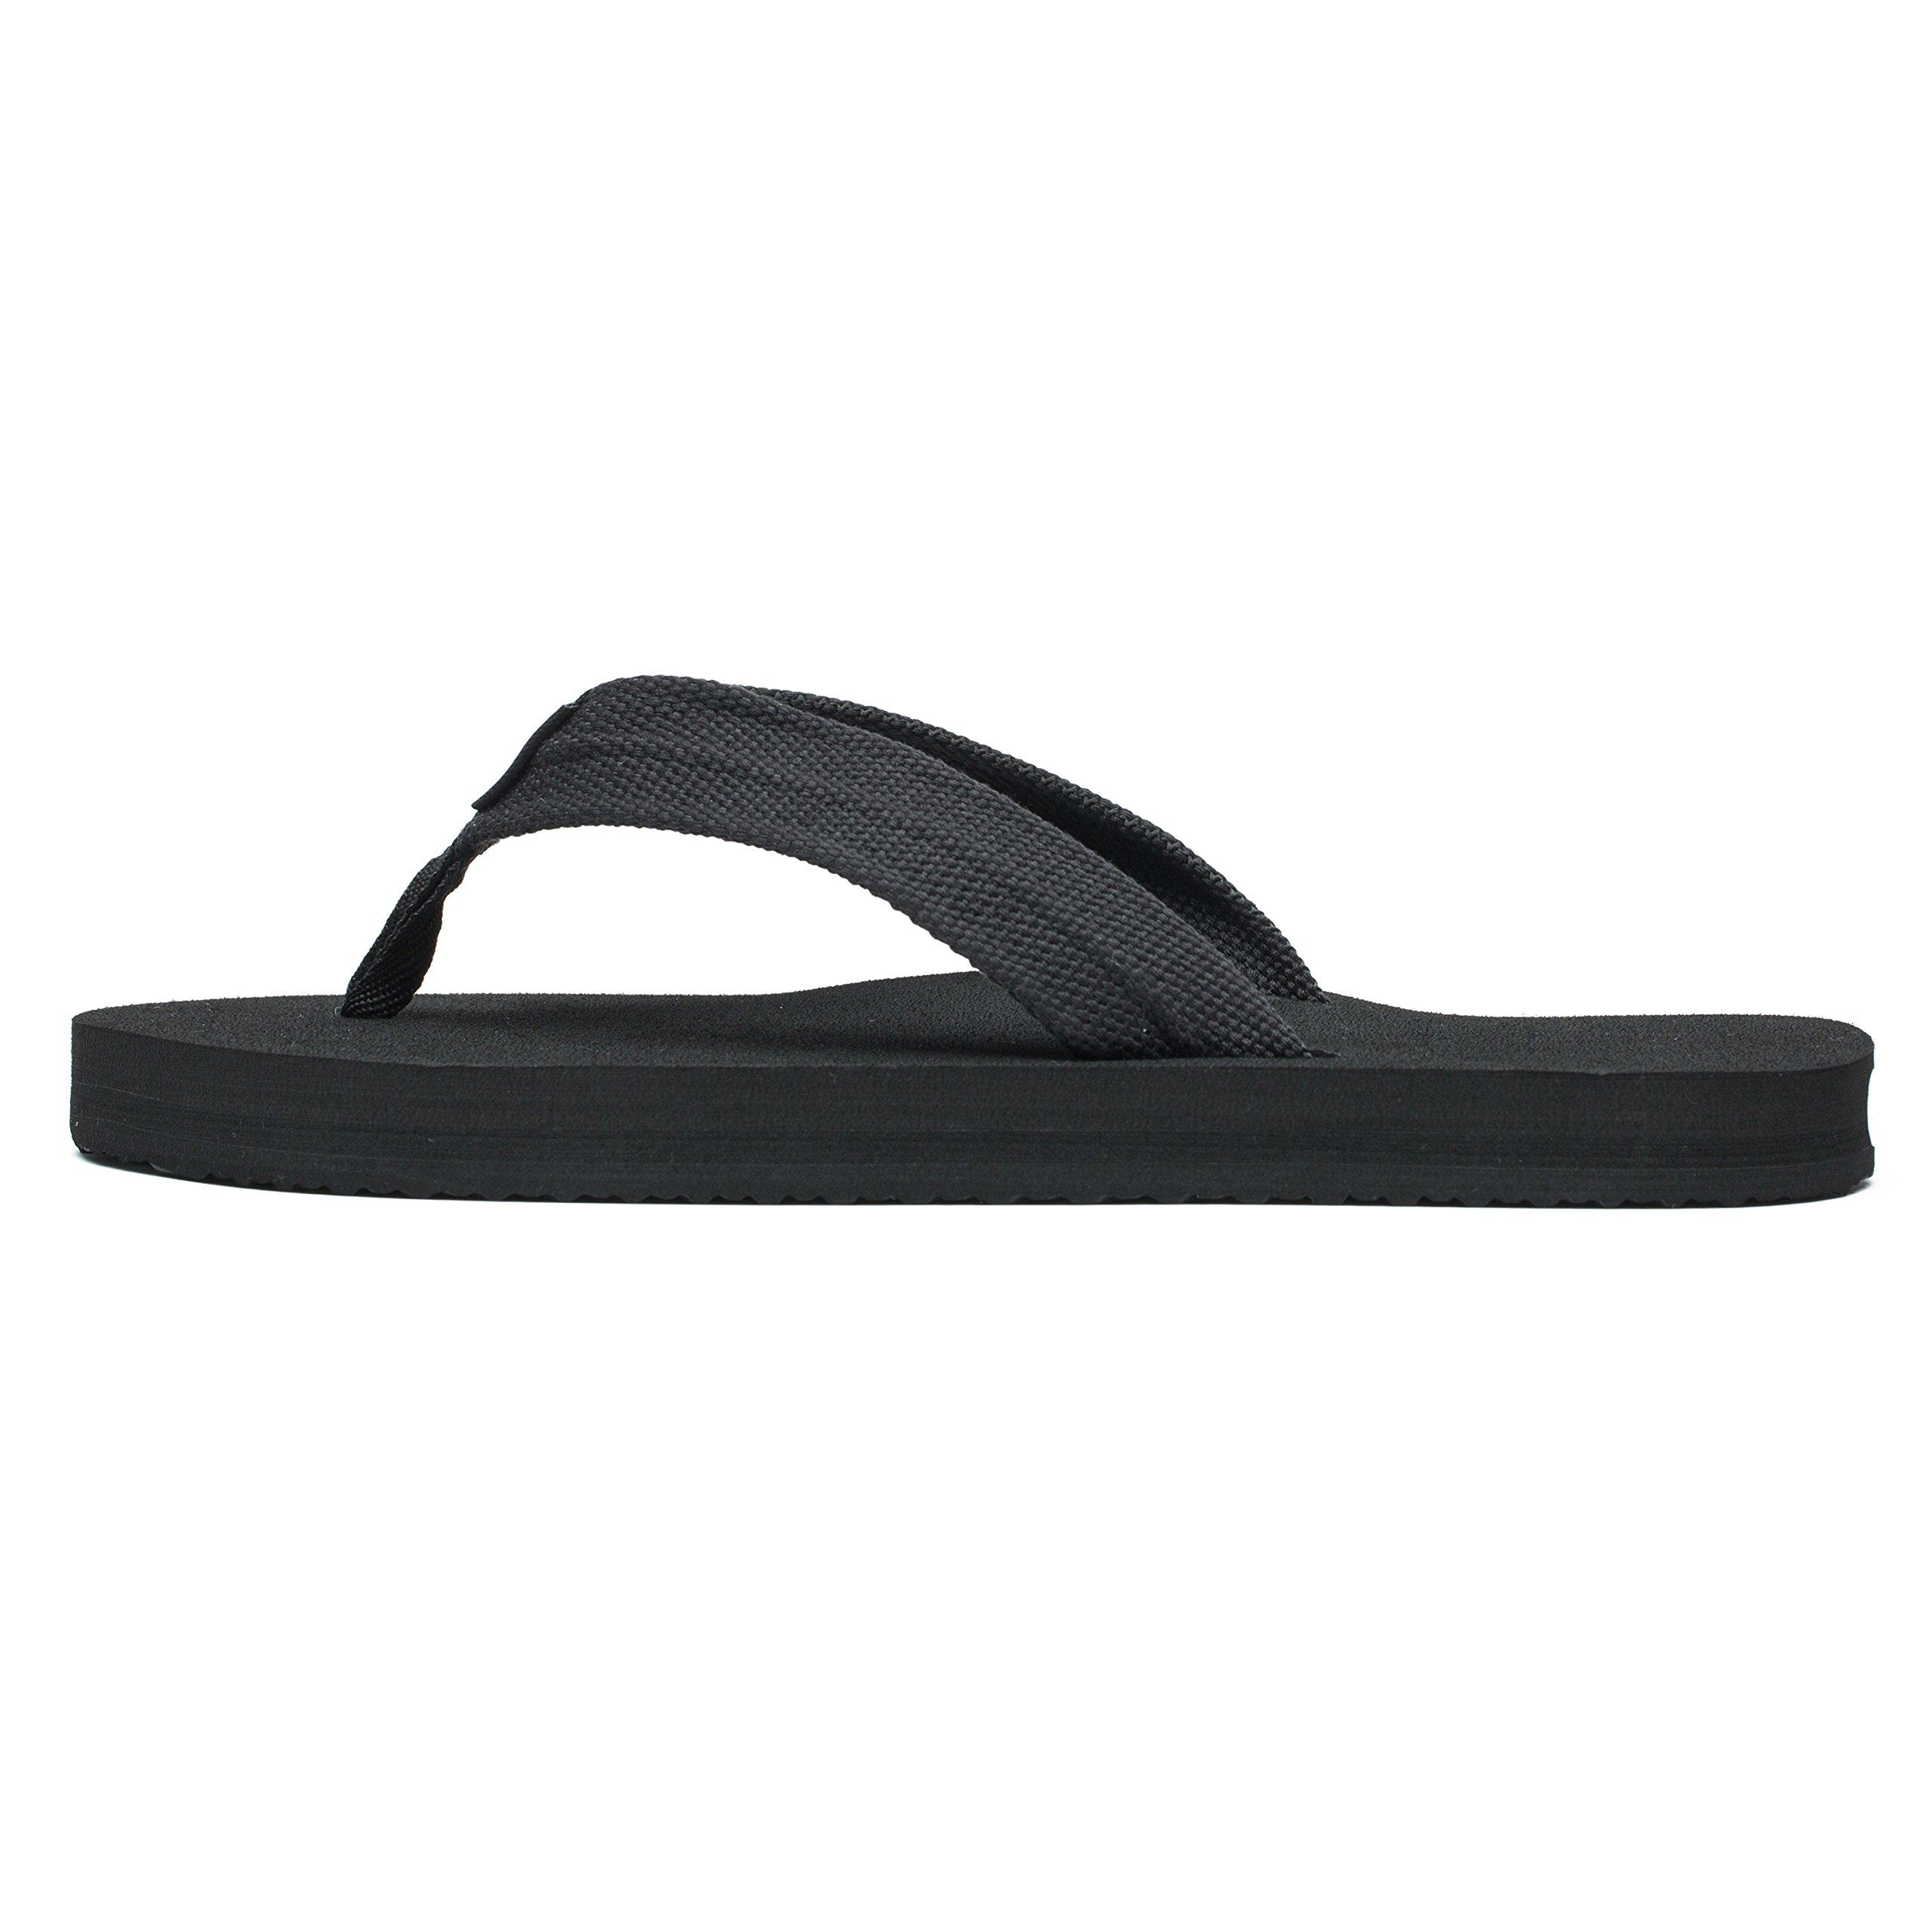 KENSBUY Flip Flops Men Lightweight Summer Flip-Flop Comfort Thongs Sandals Beach Slipper Extra Large Size EU42 Black